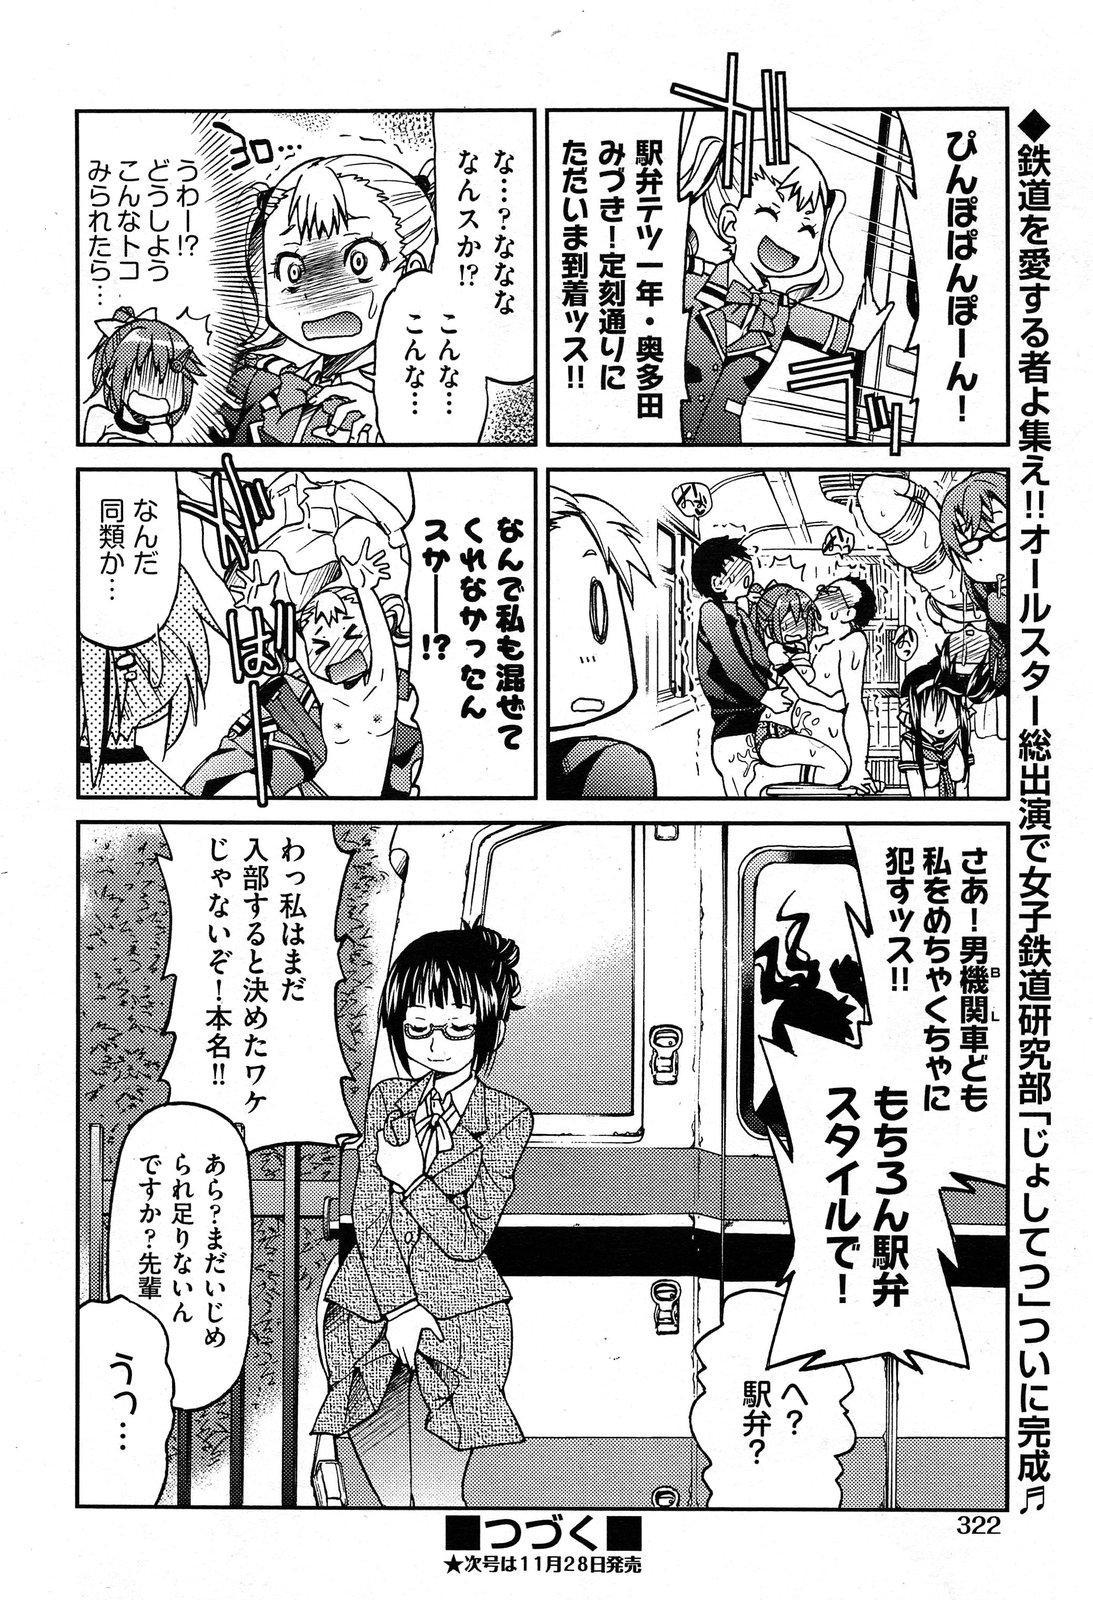 [Inoue Yoshihisa] Joshitetsu -Girls railway Geek- Ch.1-7 146